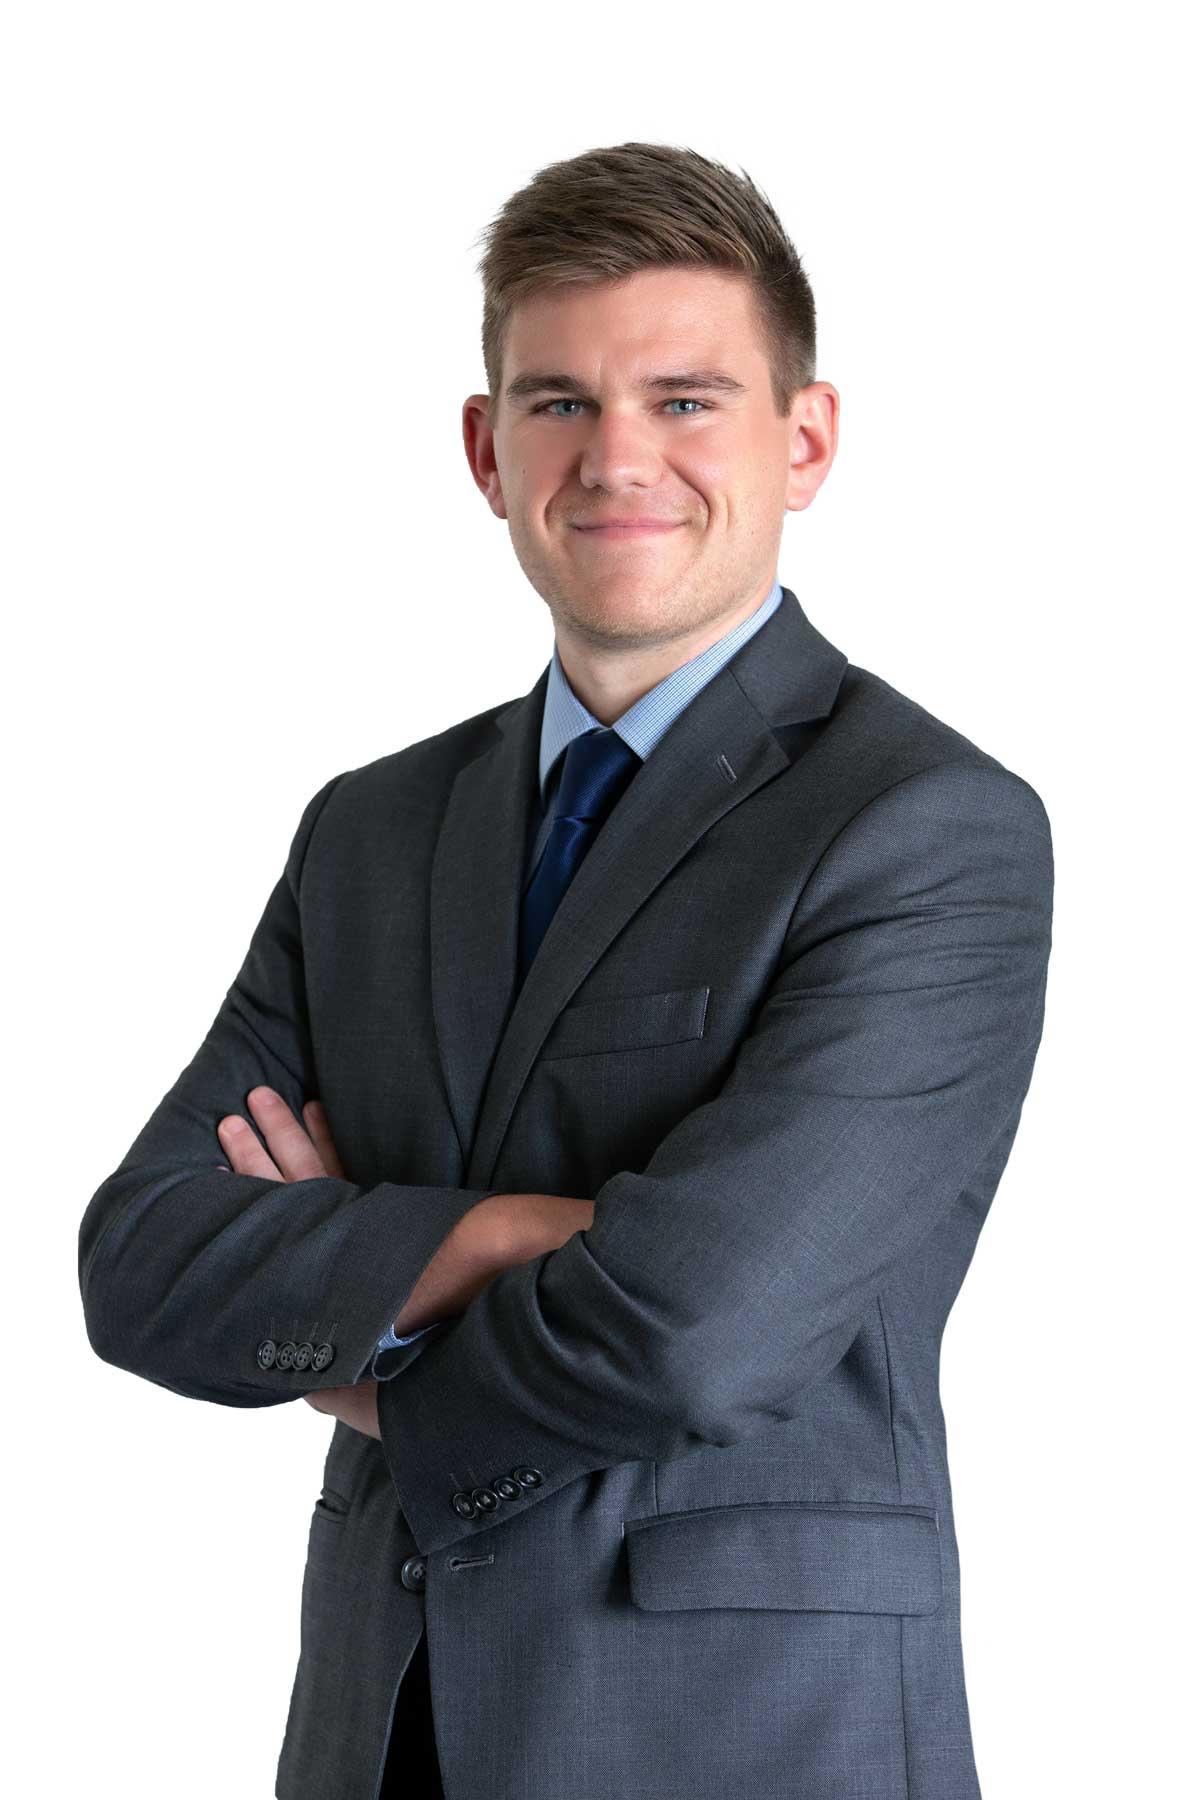 Tyler Henseler